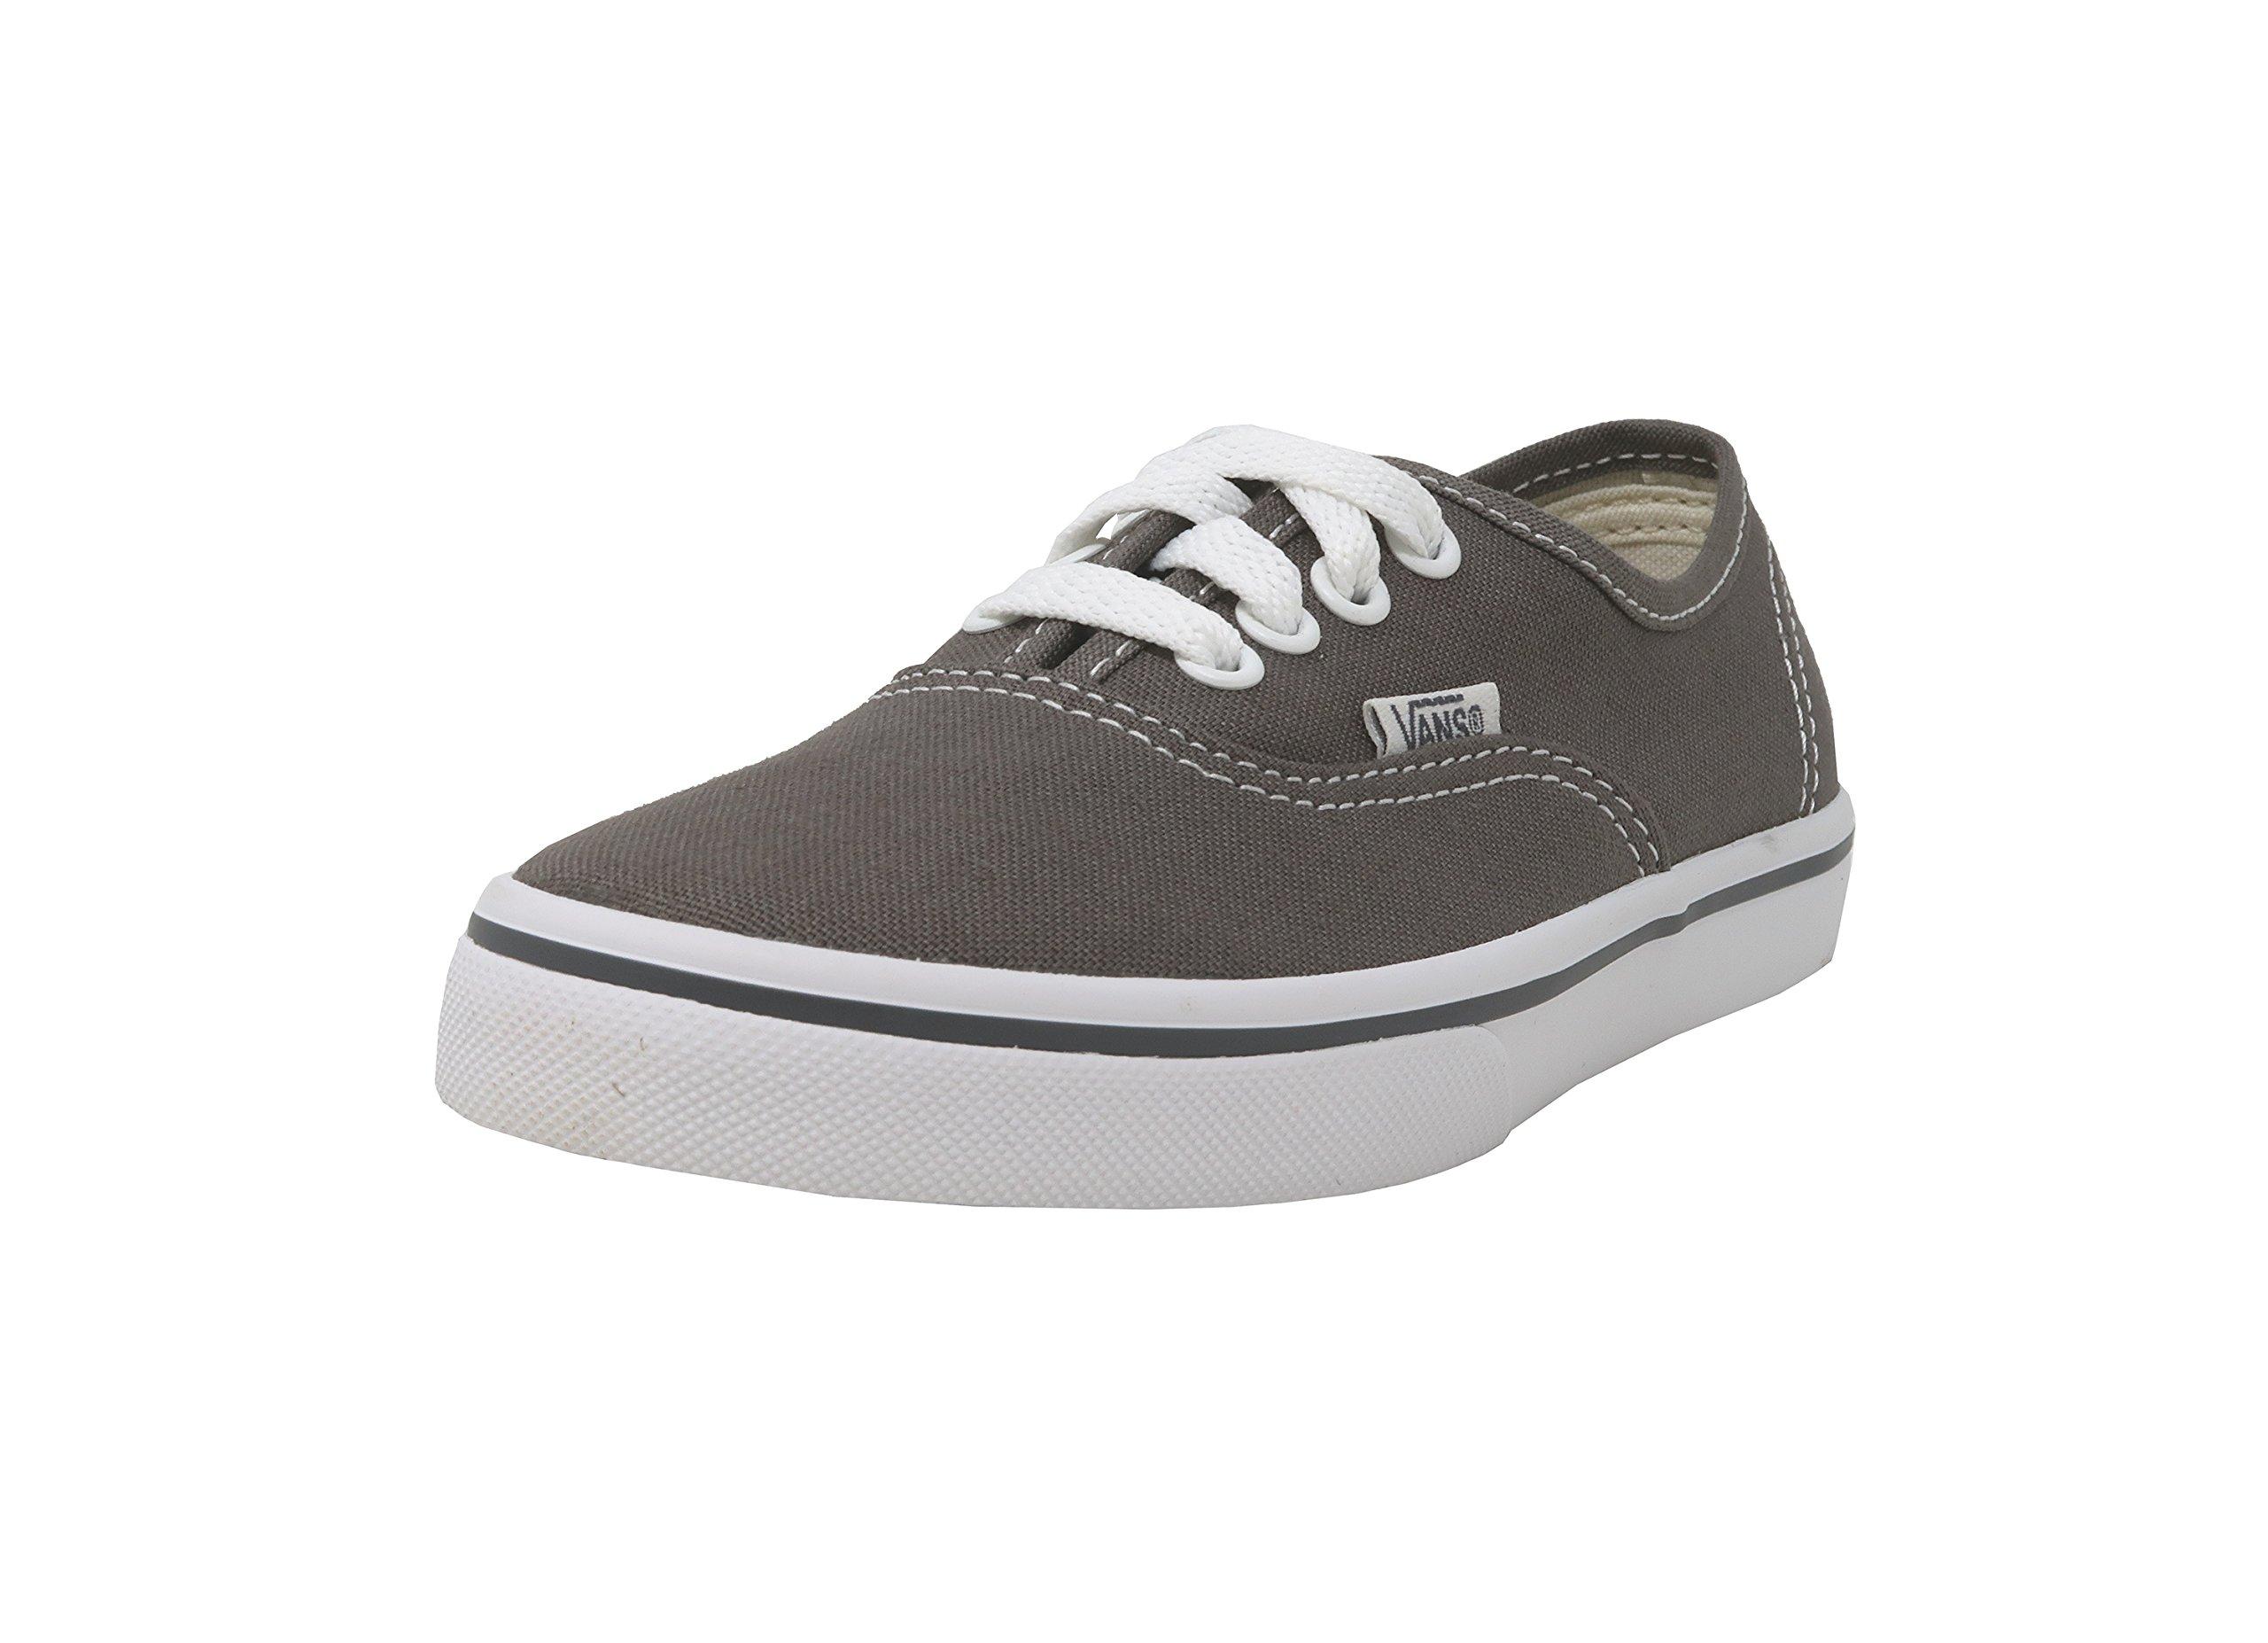 Vans Kids Authentic Lo Pro Casual Shoe Pewter - Little Kid - 11